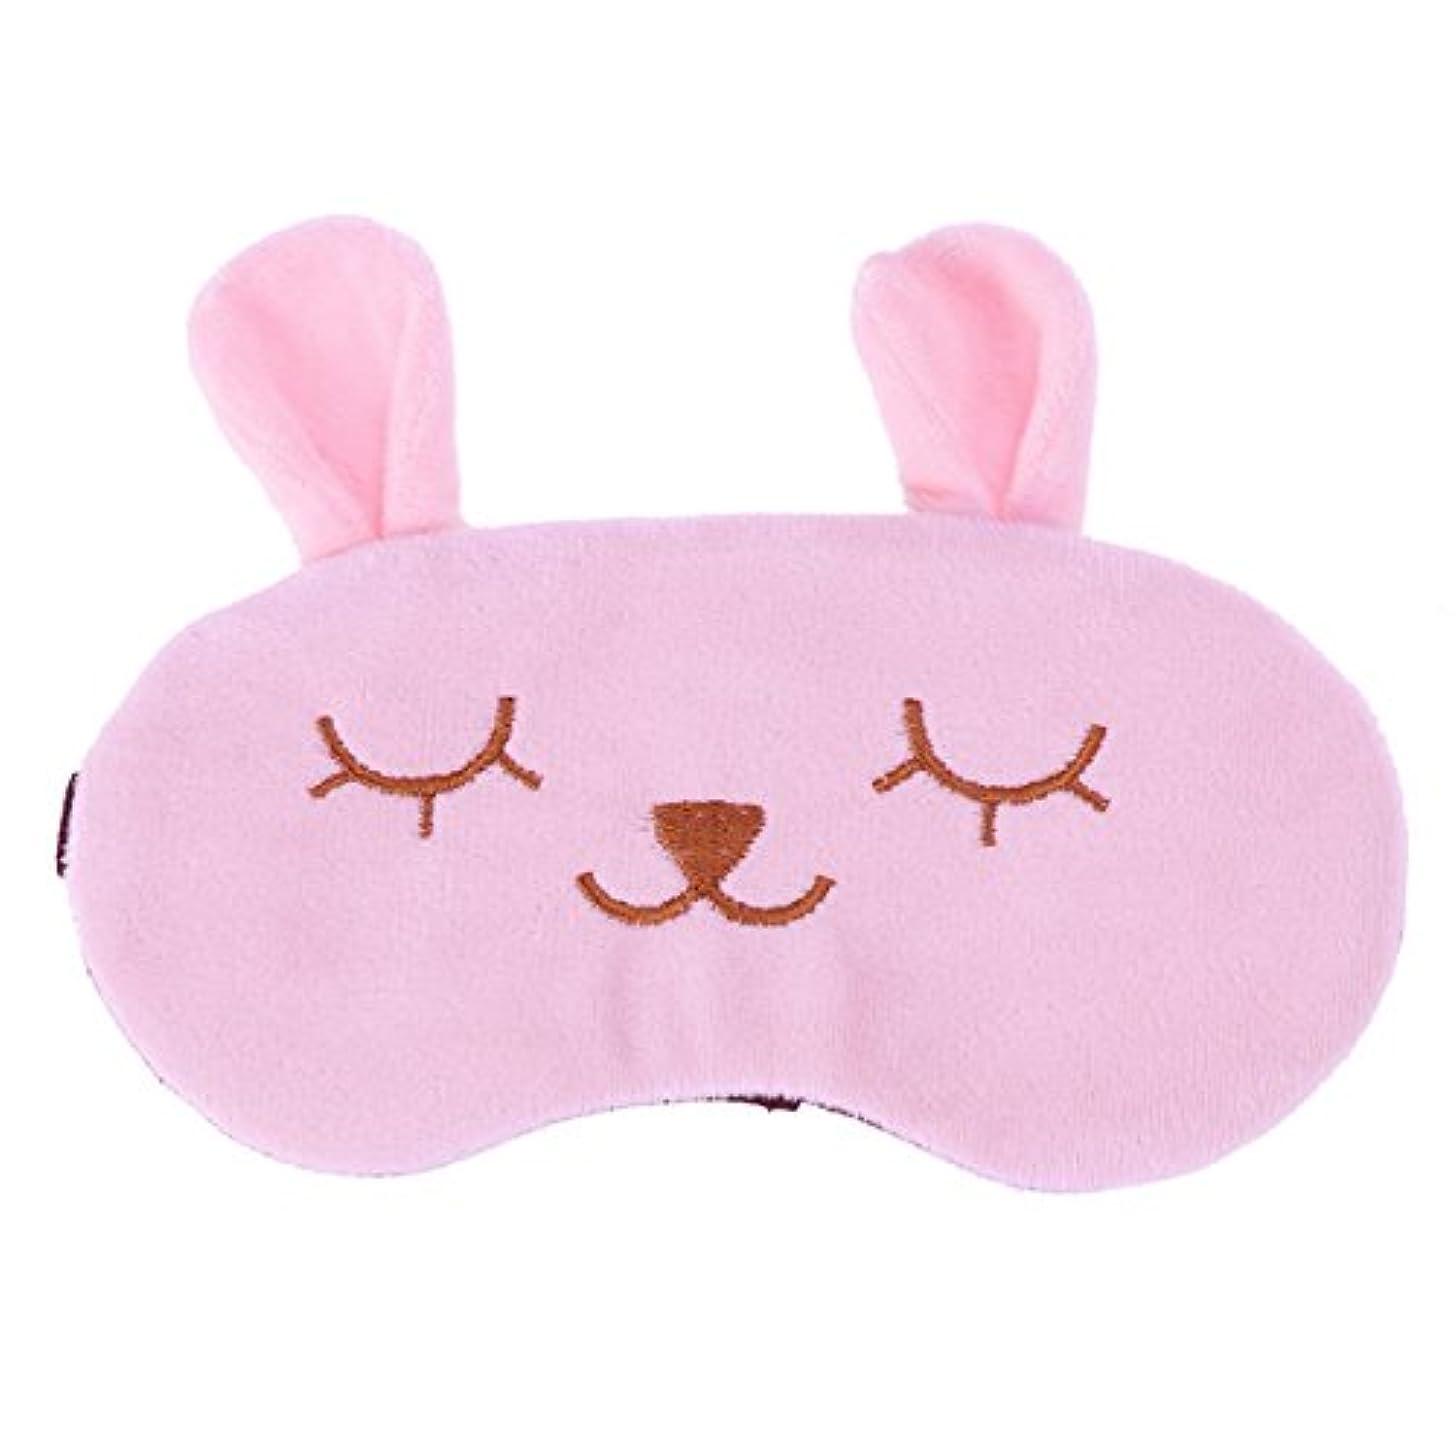 主要なスクランブル後方にSUPVOX 昼寝瞑想のための豪華な睡眠のアイマスクかわいい冷却目隠しアイシェードポータブル